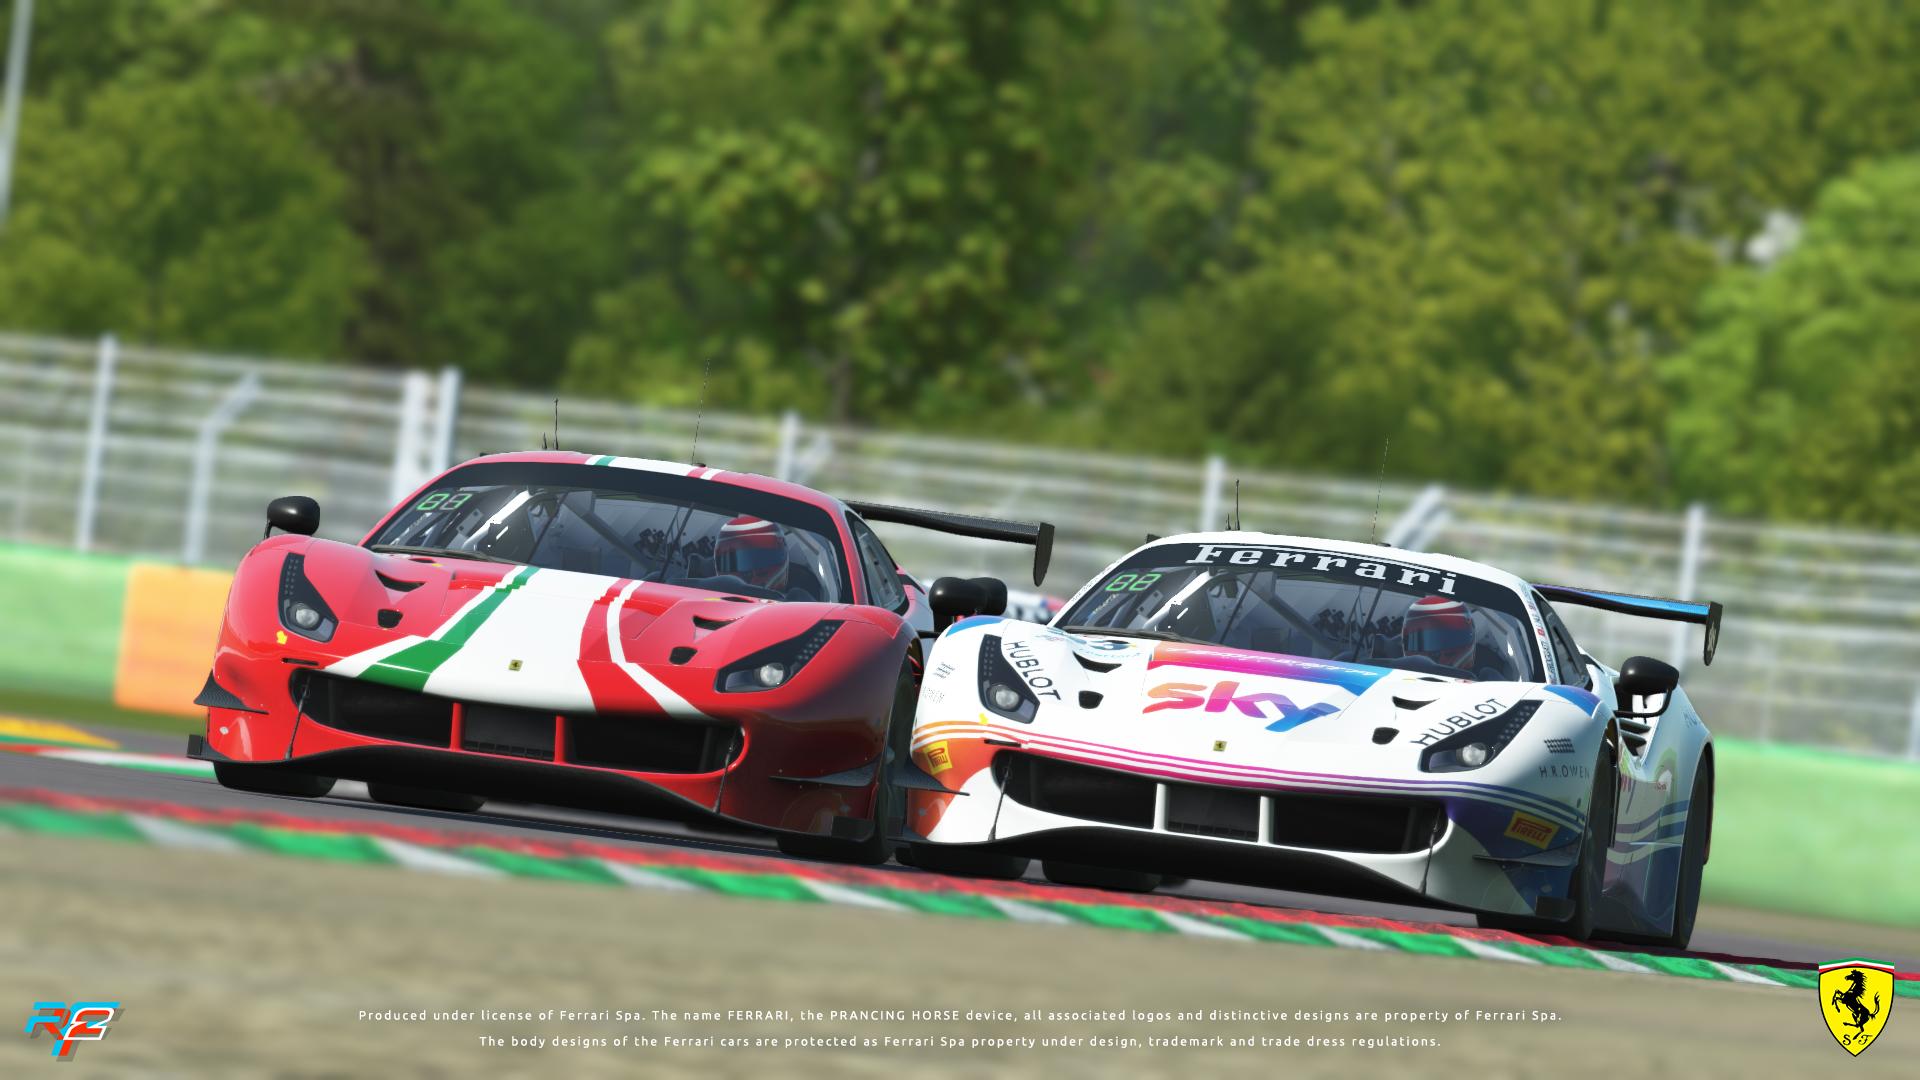 rFactor_2_Ferrari_488_GT3_EVO_2020_08.jp